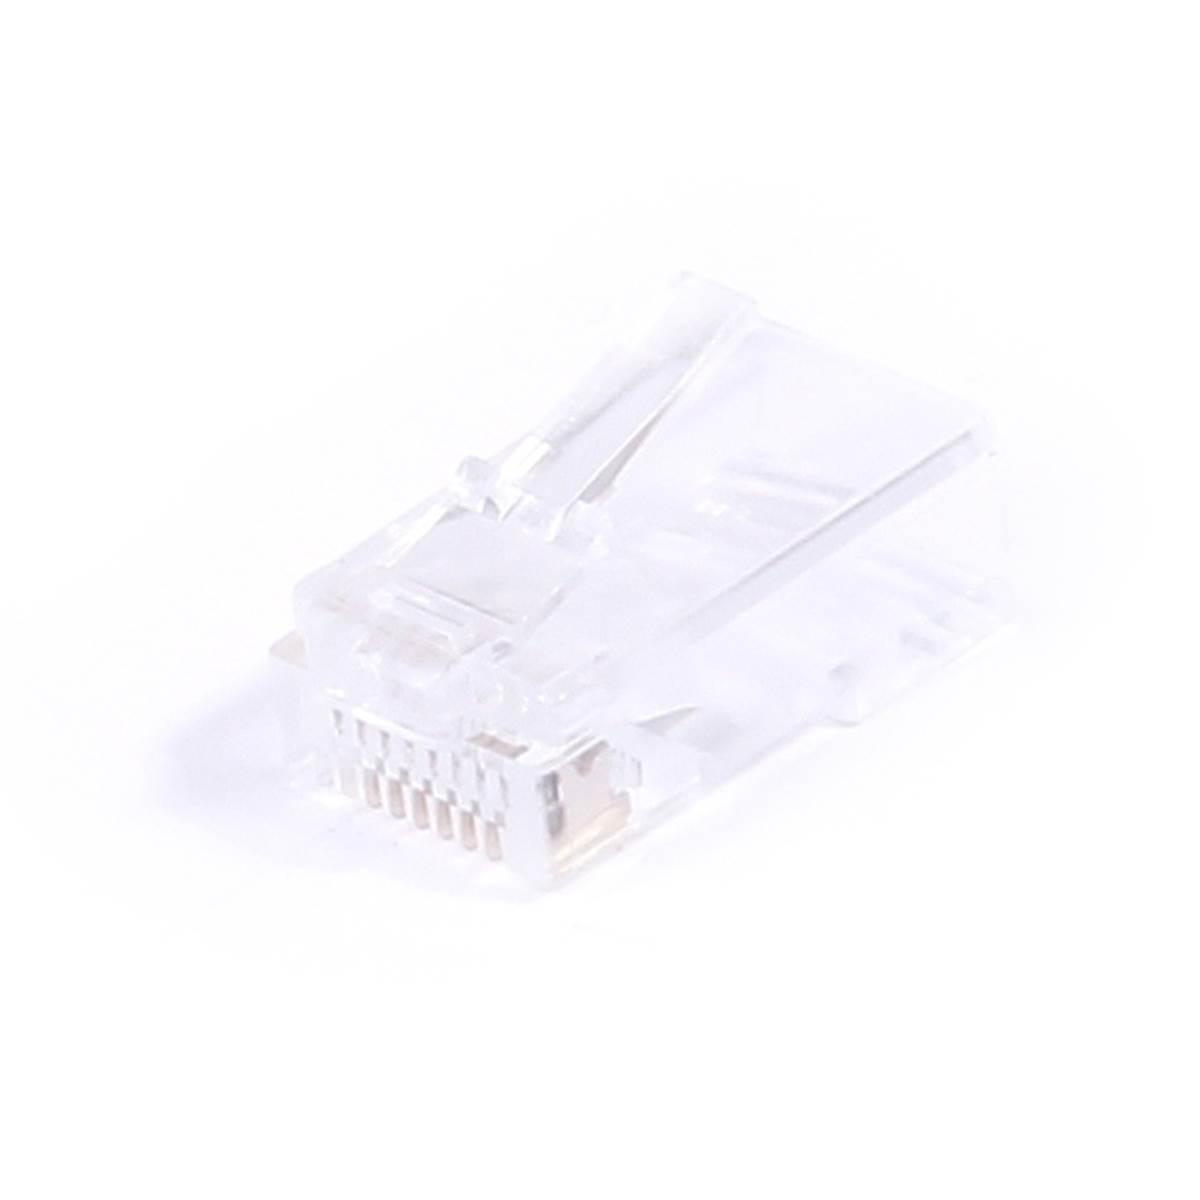 Connecteur Rj45 8p8c Cat 5e Utp Cable Rond Sachet De 50